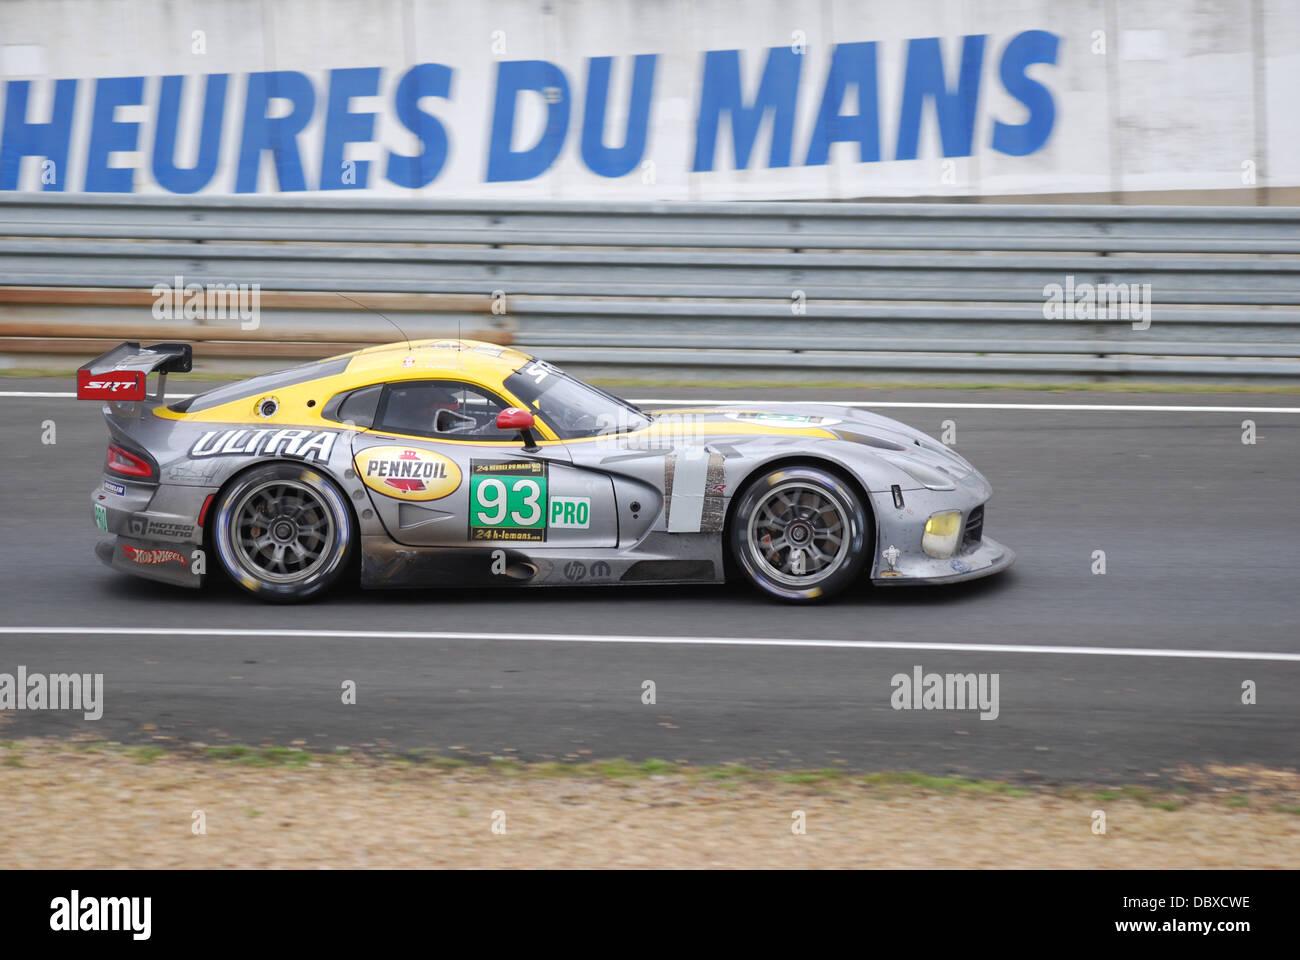 Motorsports Chrysler Dodge Viper SRT #93 von Wittmer, Bomarito & Kendall auf der 2013 24 Stunden von Le Mans Stockbild